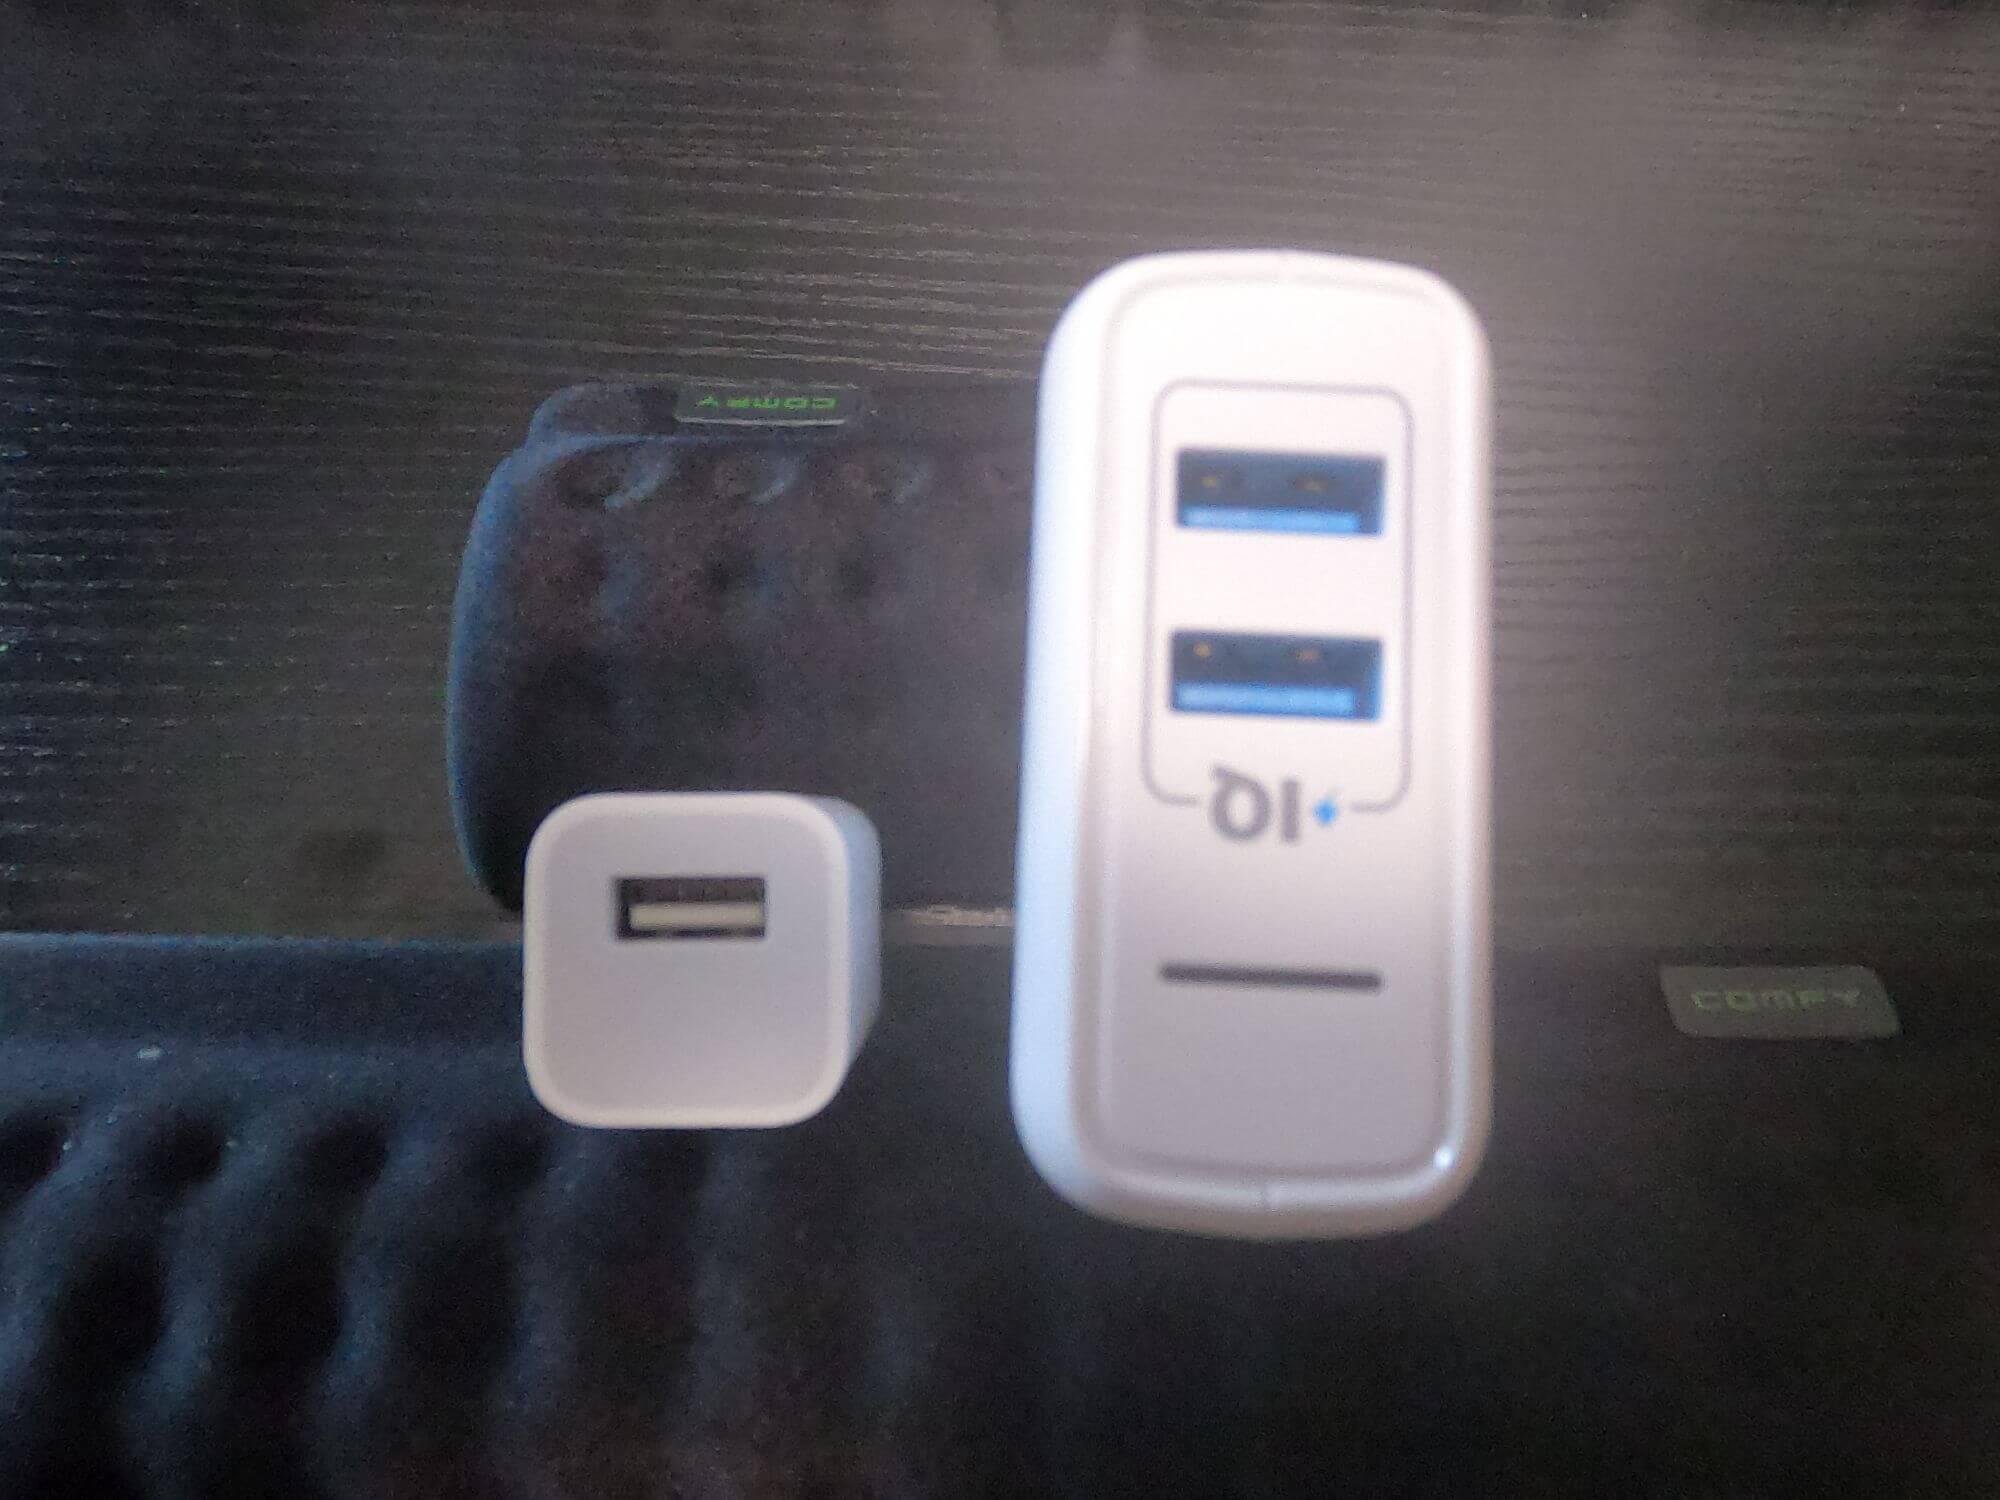 アンカーとapple製のUSB充電器の画像